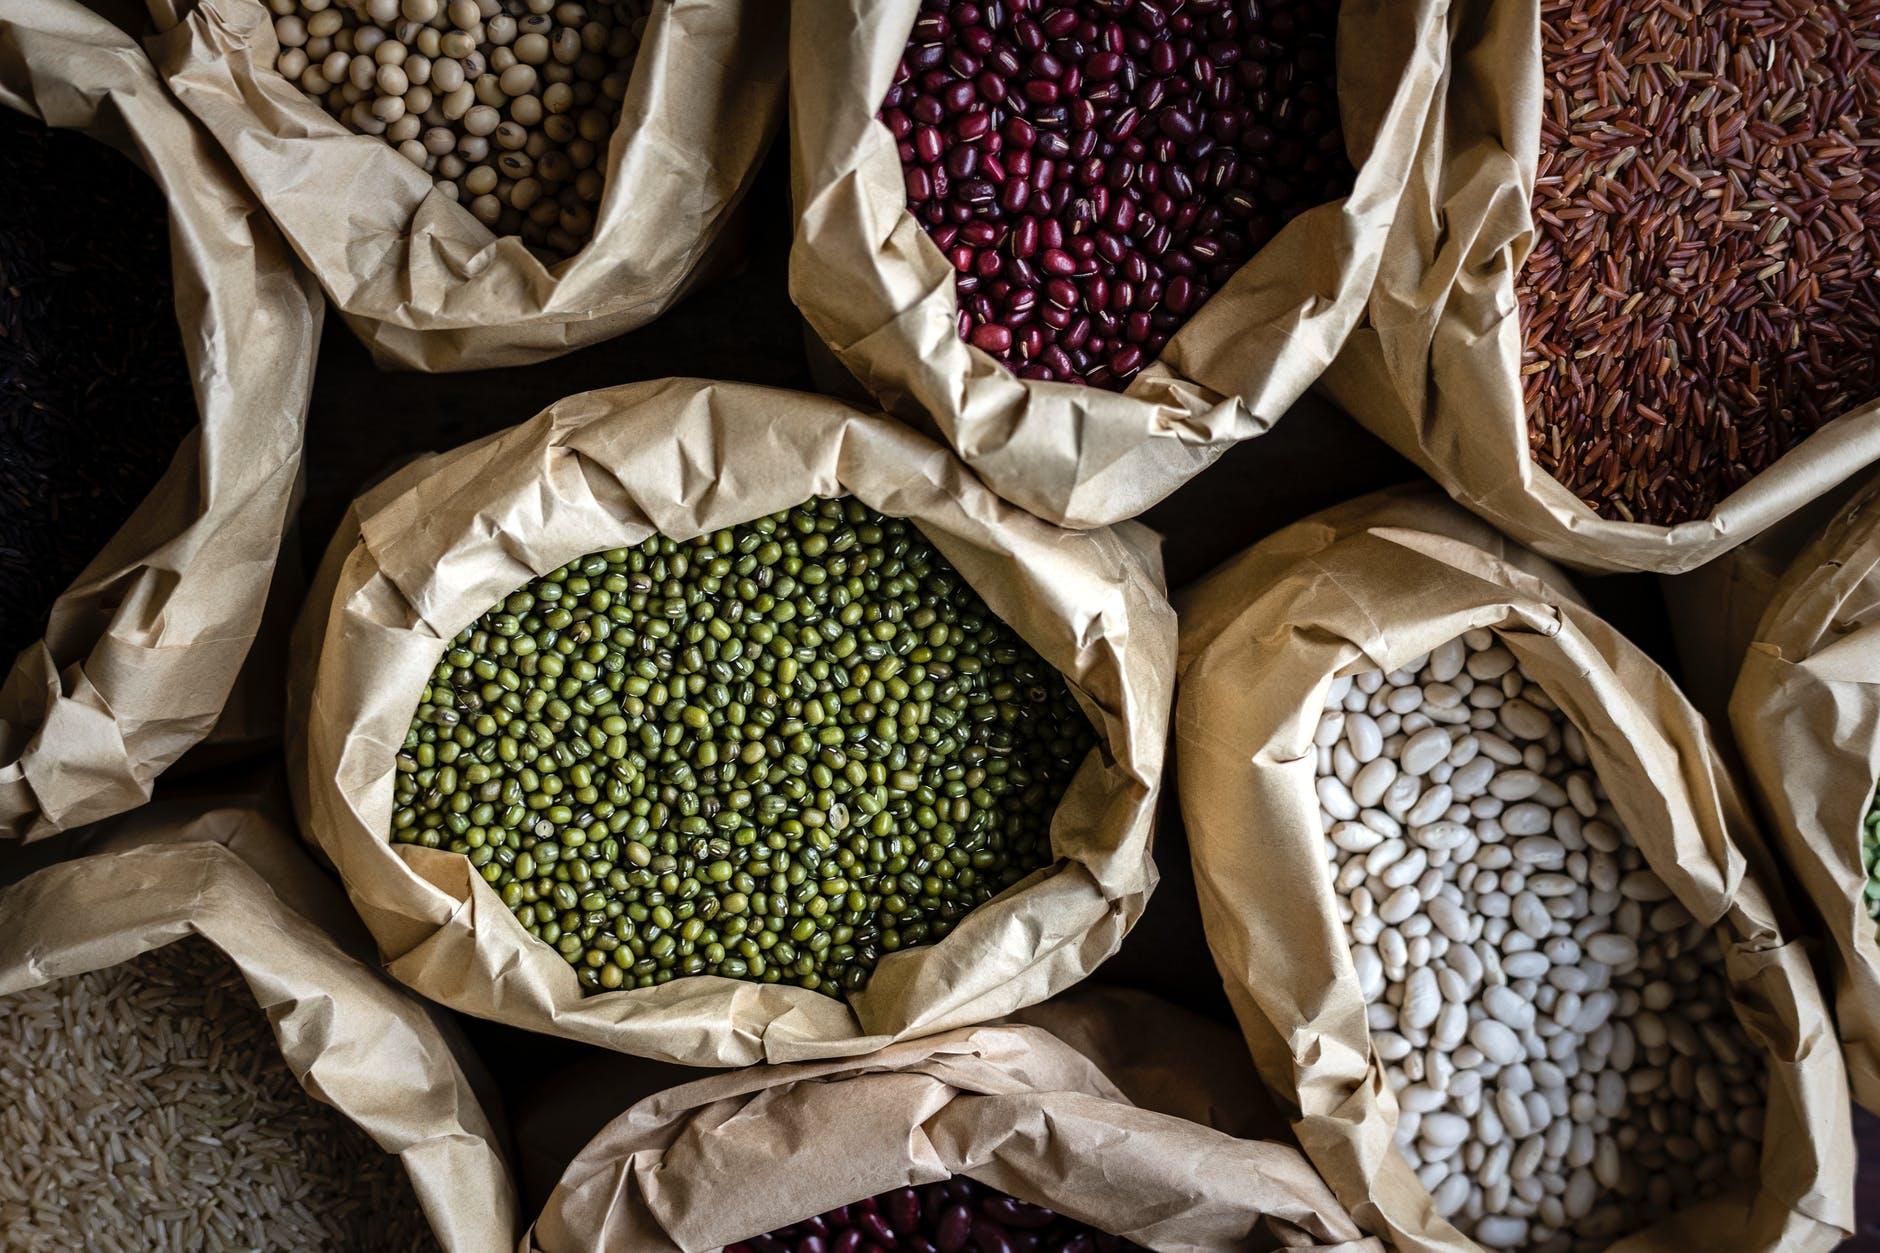 beans-legumes